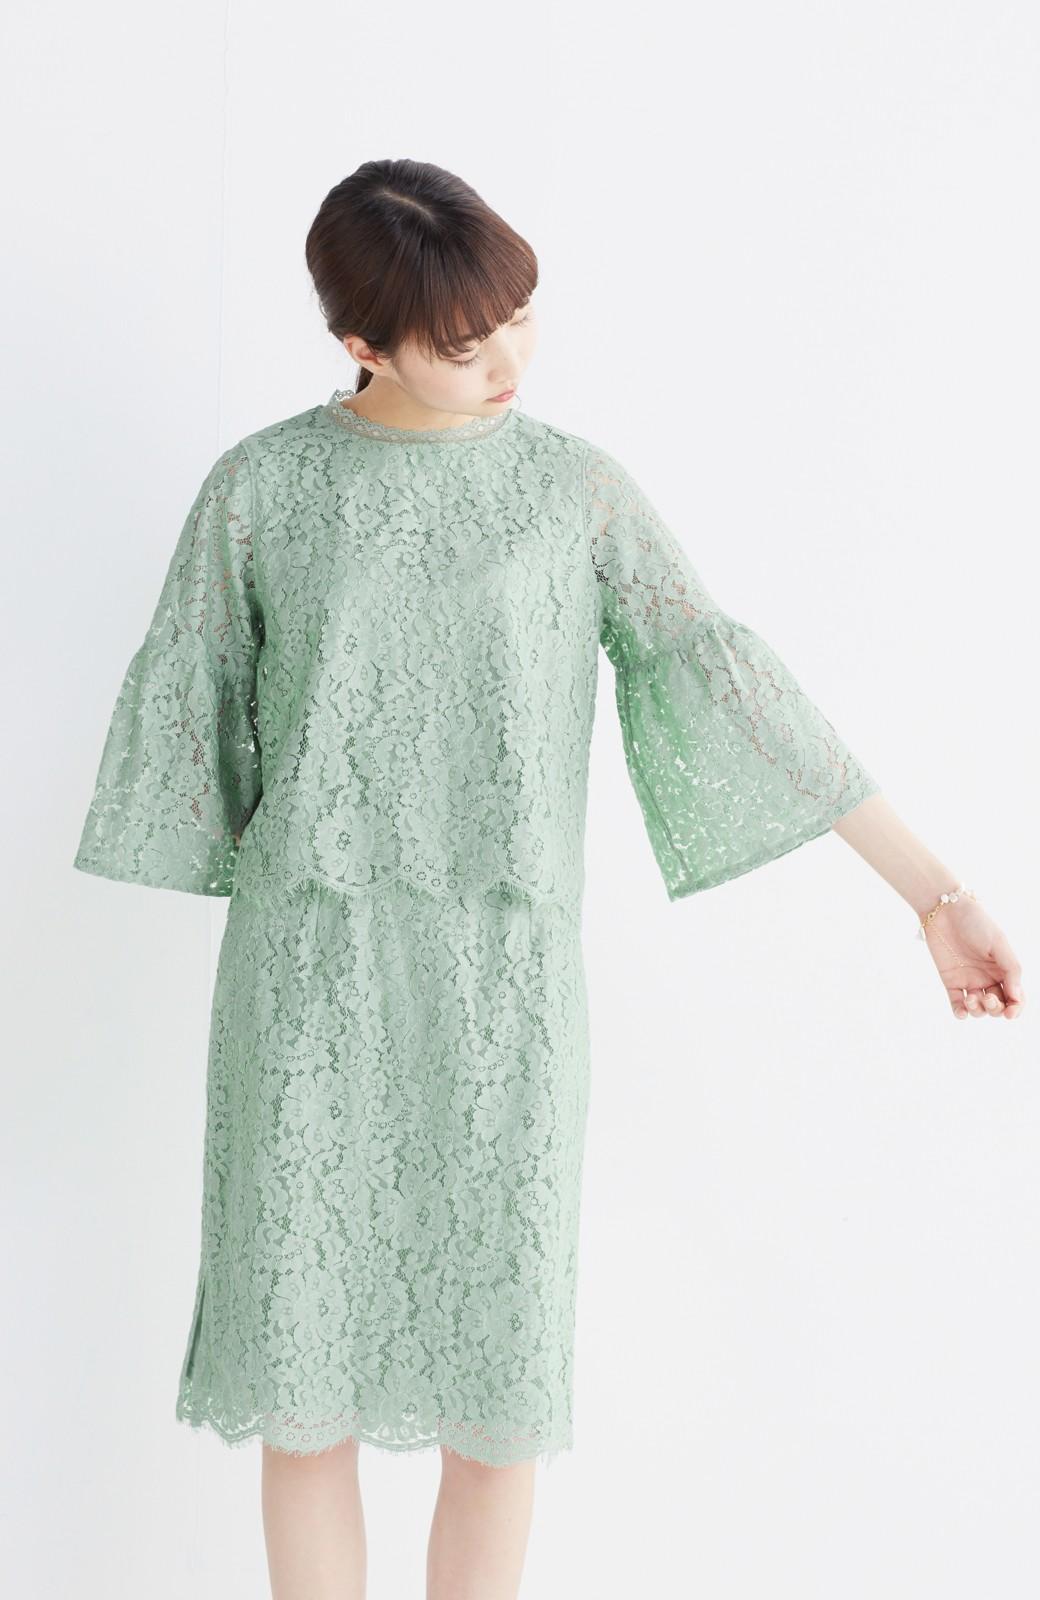 エムトロワ パッと着て華やぐ フレアースリーブのレースブラウス <グリーン>の商品写真16